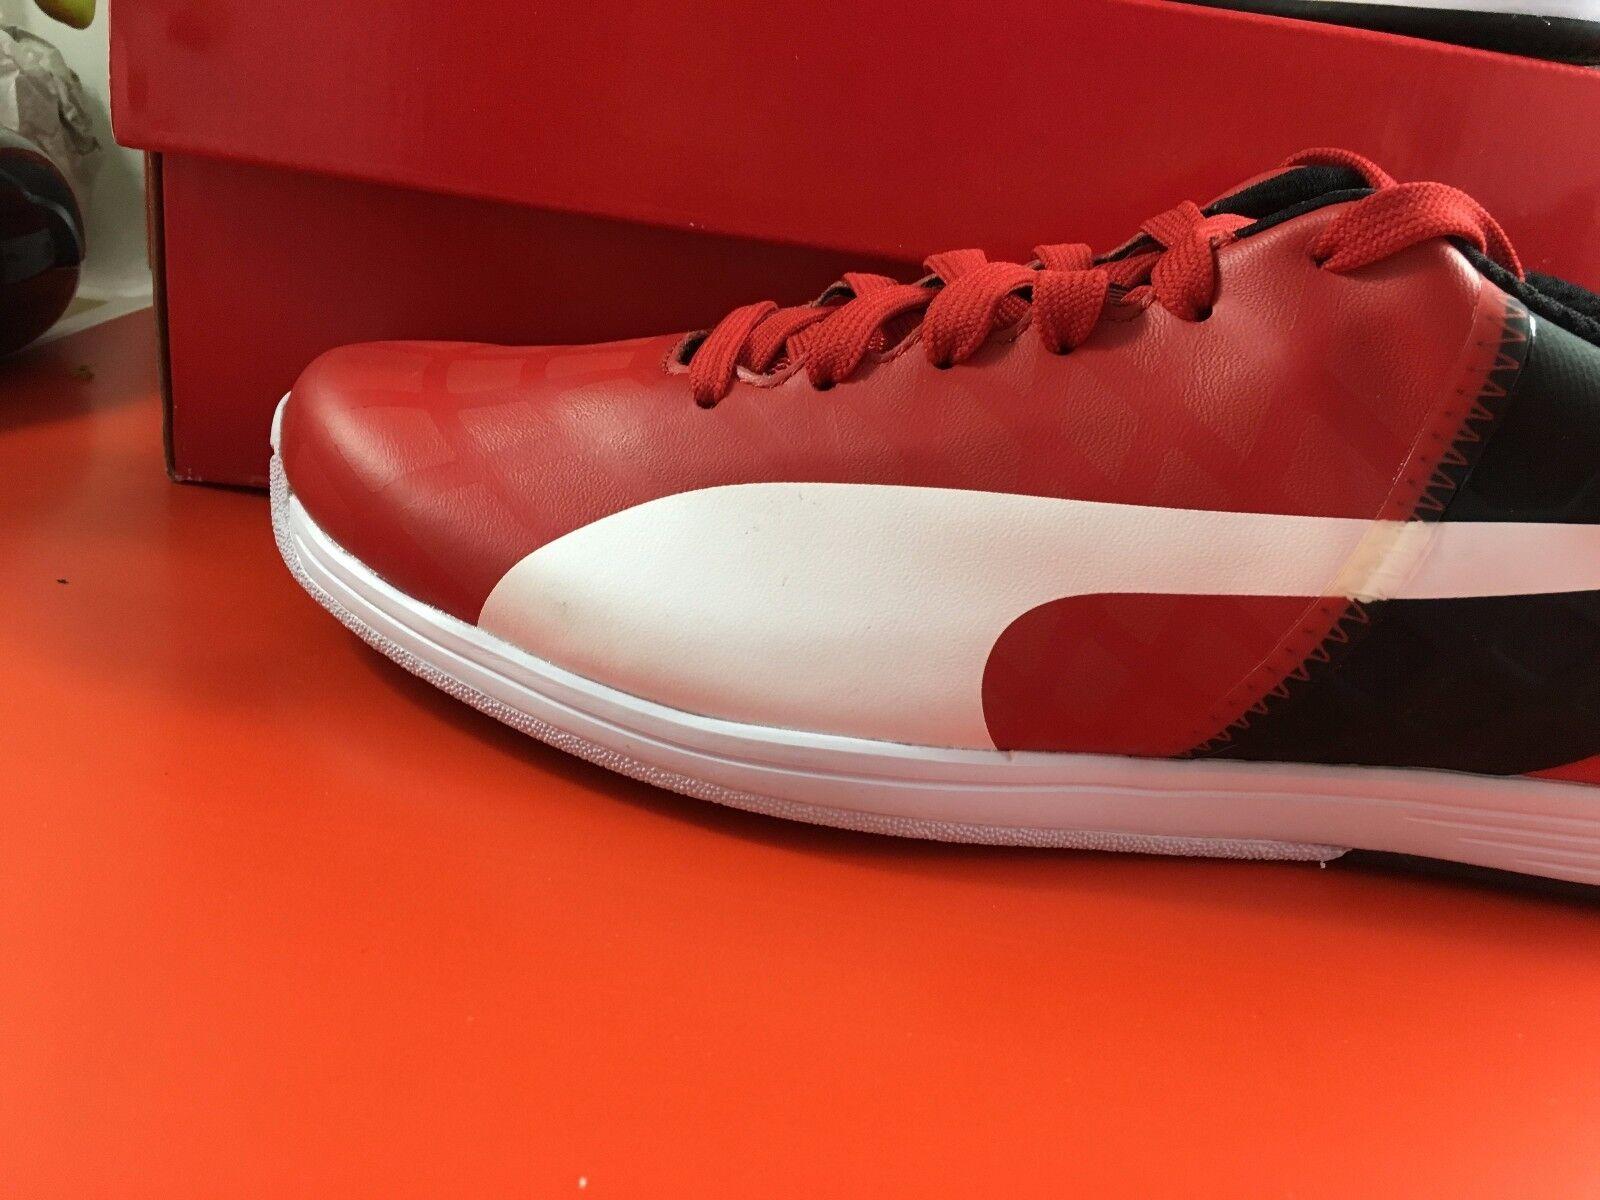 bad4fe8b3 ... Nuevo En Caja PUMA evoSPEED 1.4 1.4 1.4 SF Para Hombres Zapatos Tenis  Rojo 305555 02 ...